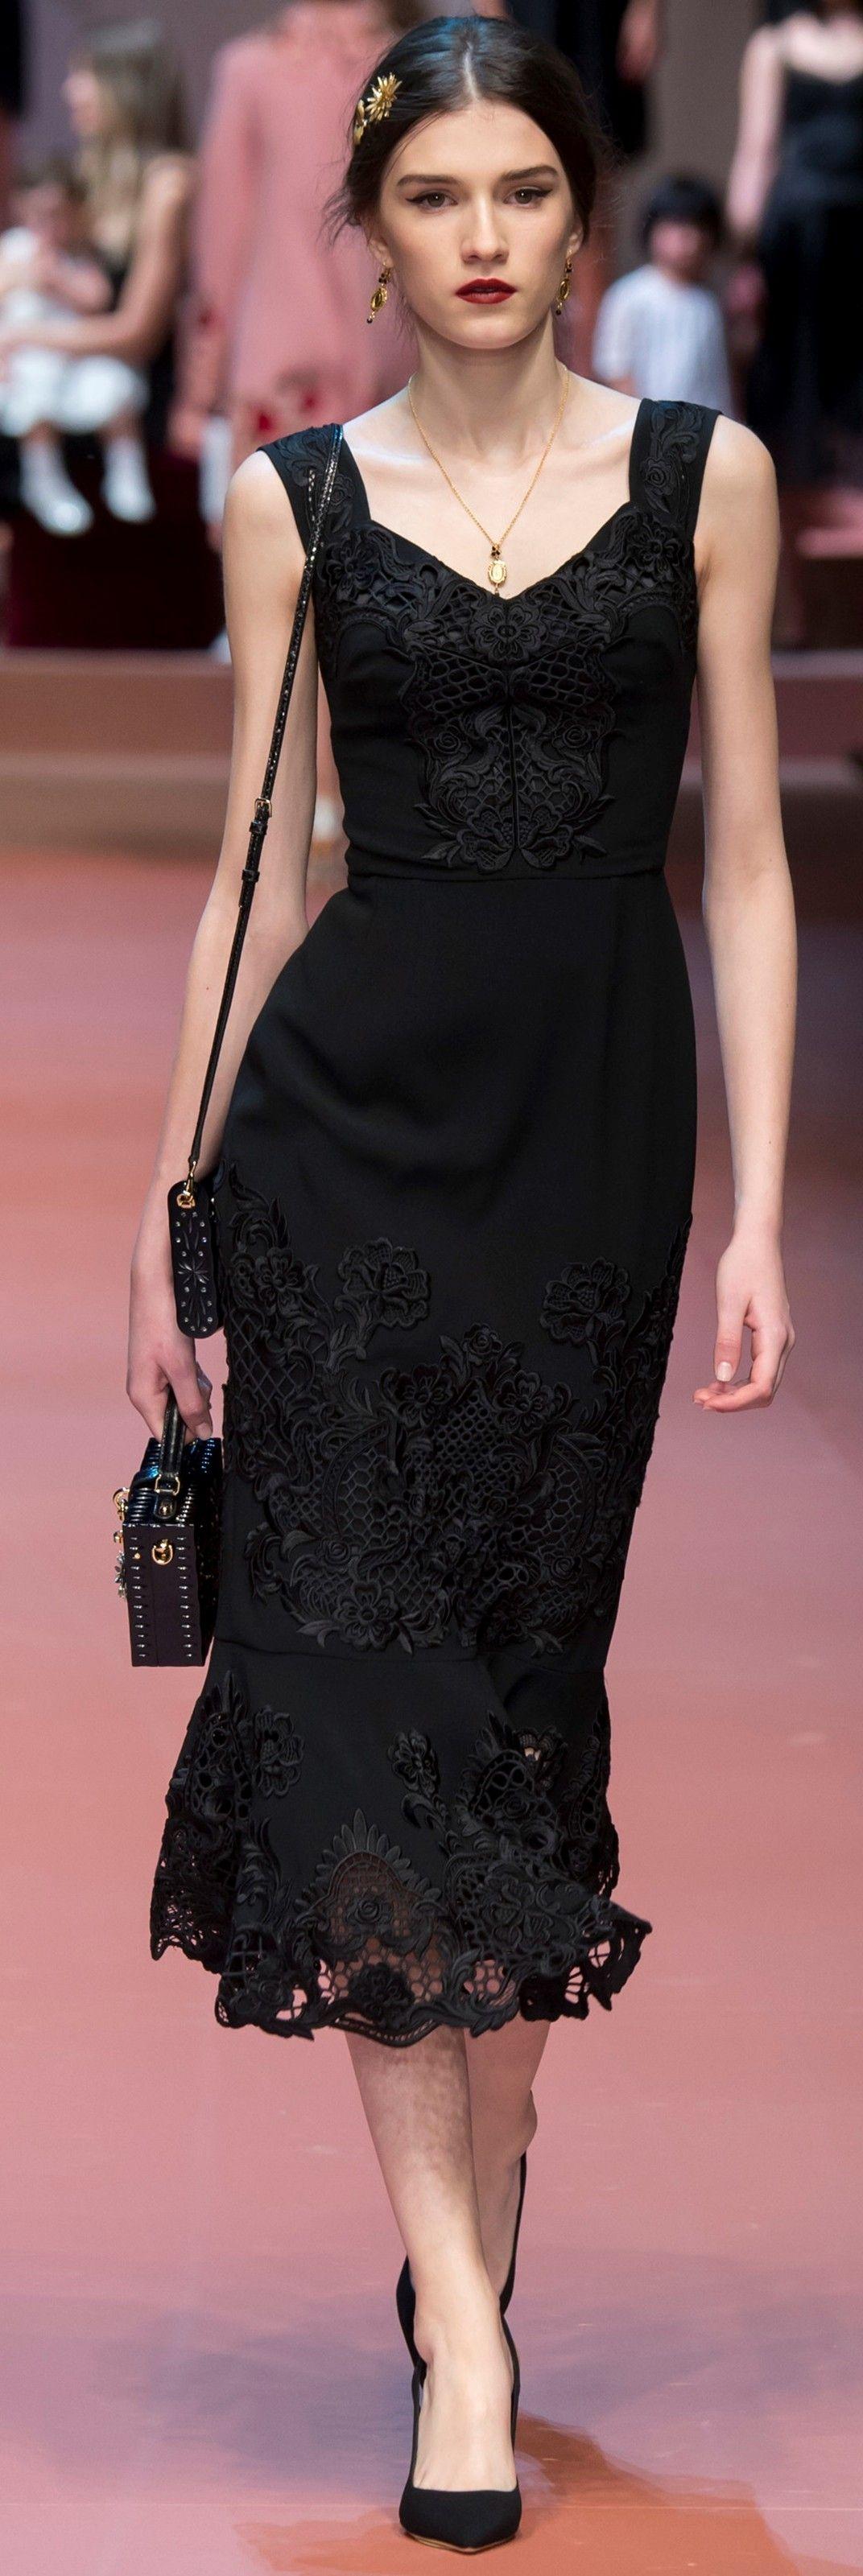 Dolce & Gabbana Ready To Wear Autumn/Fall 2015